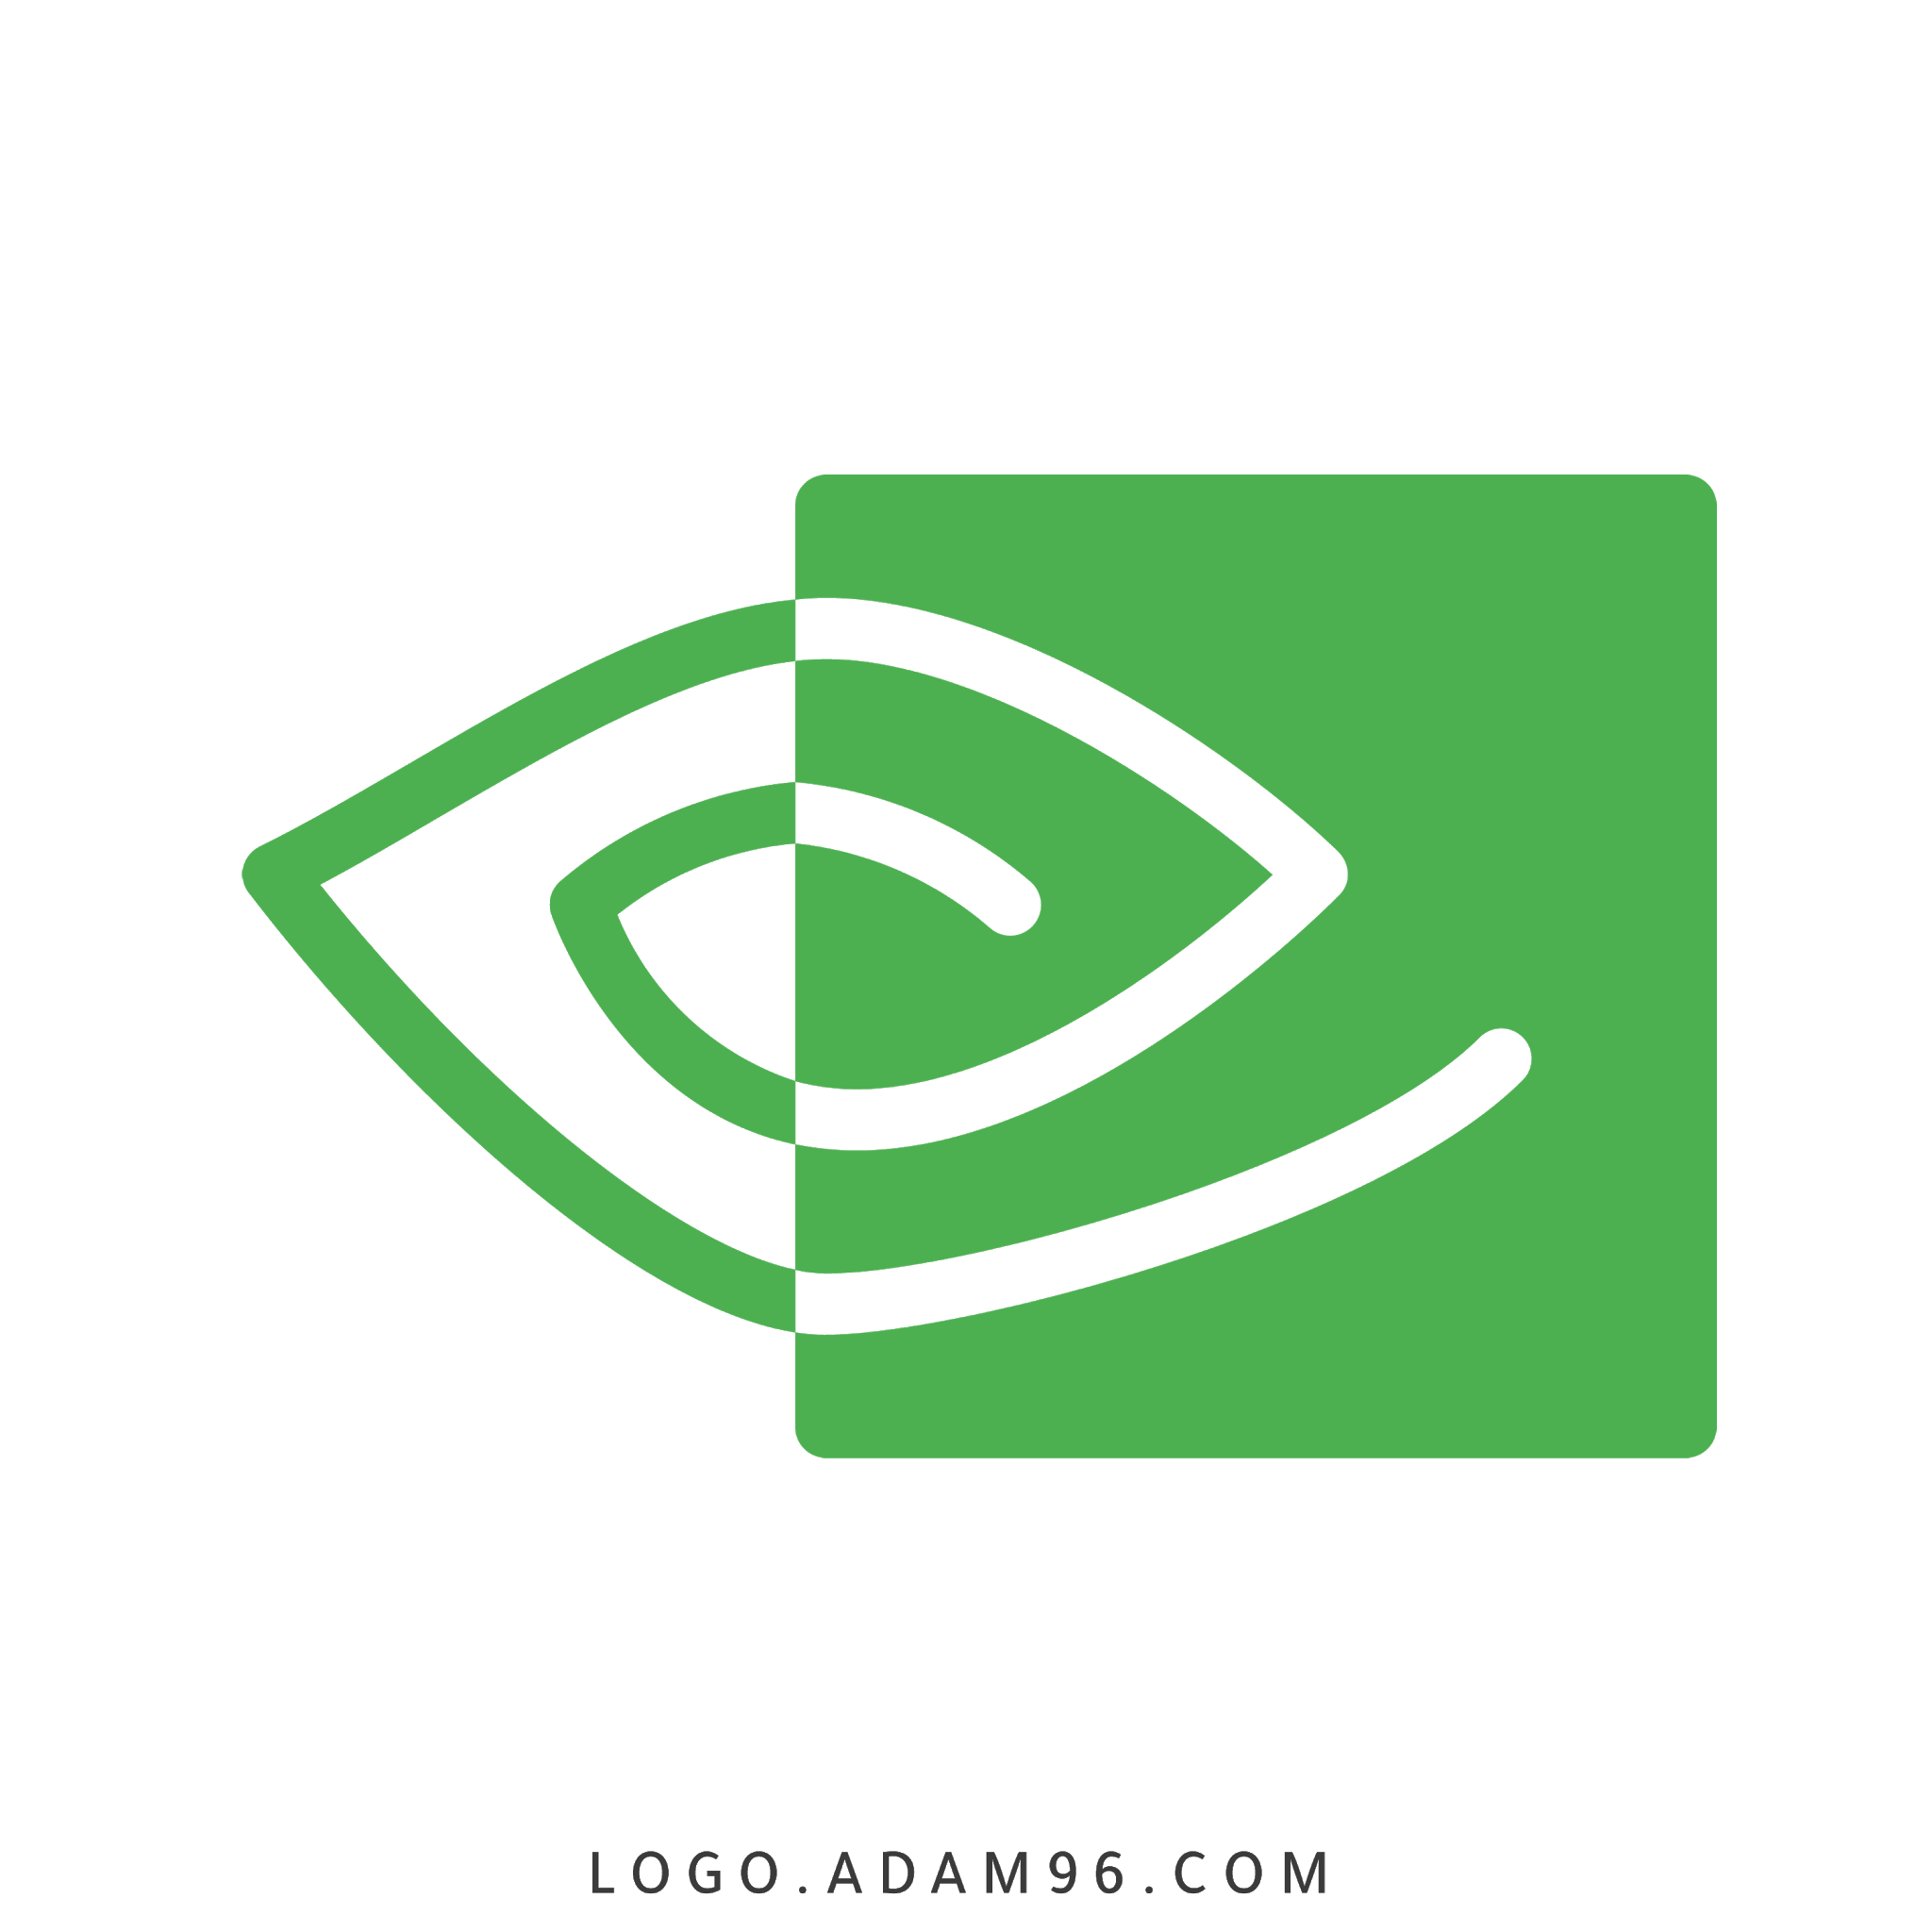 تحميل شعار شركة صناعة كروت الشاشة إنفيديا لوجو رسمي LOGO NVIDIA PNG